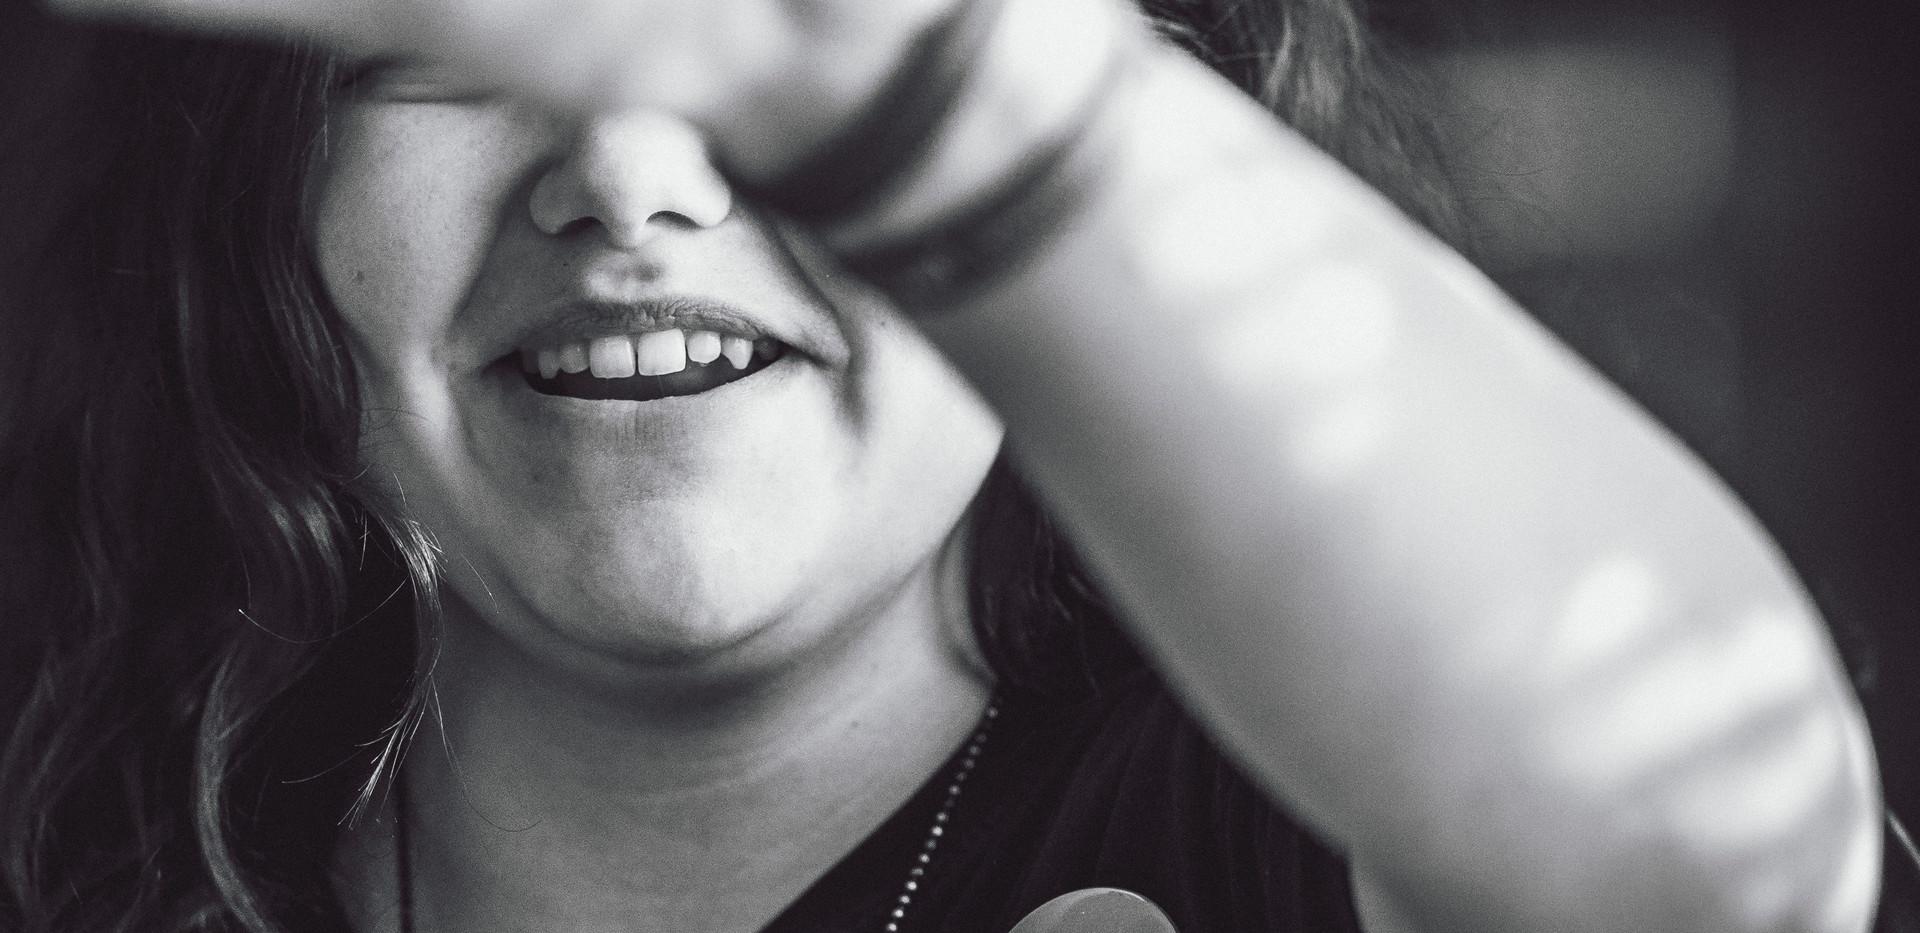 15-02-SMILE2020-v2-002.jpg